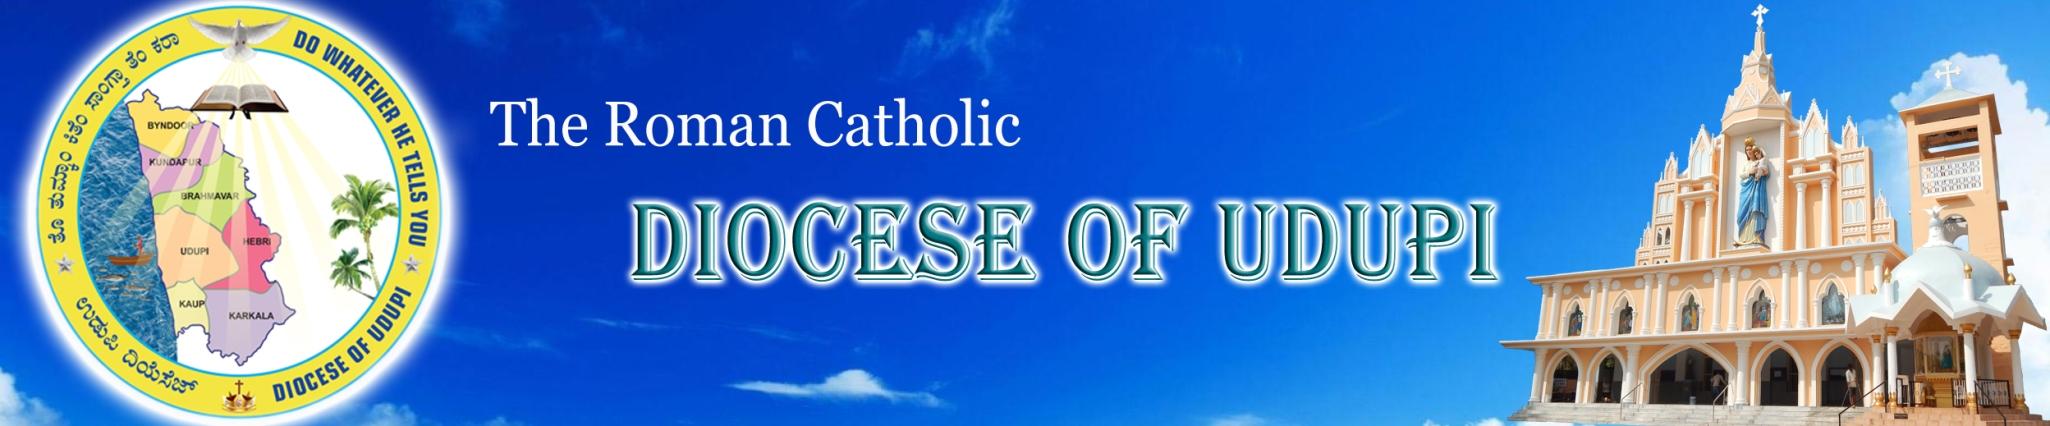 Udupi Diocese Website - Home